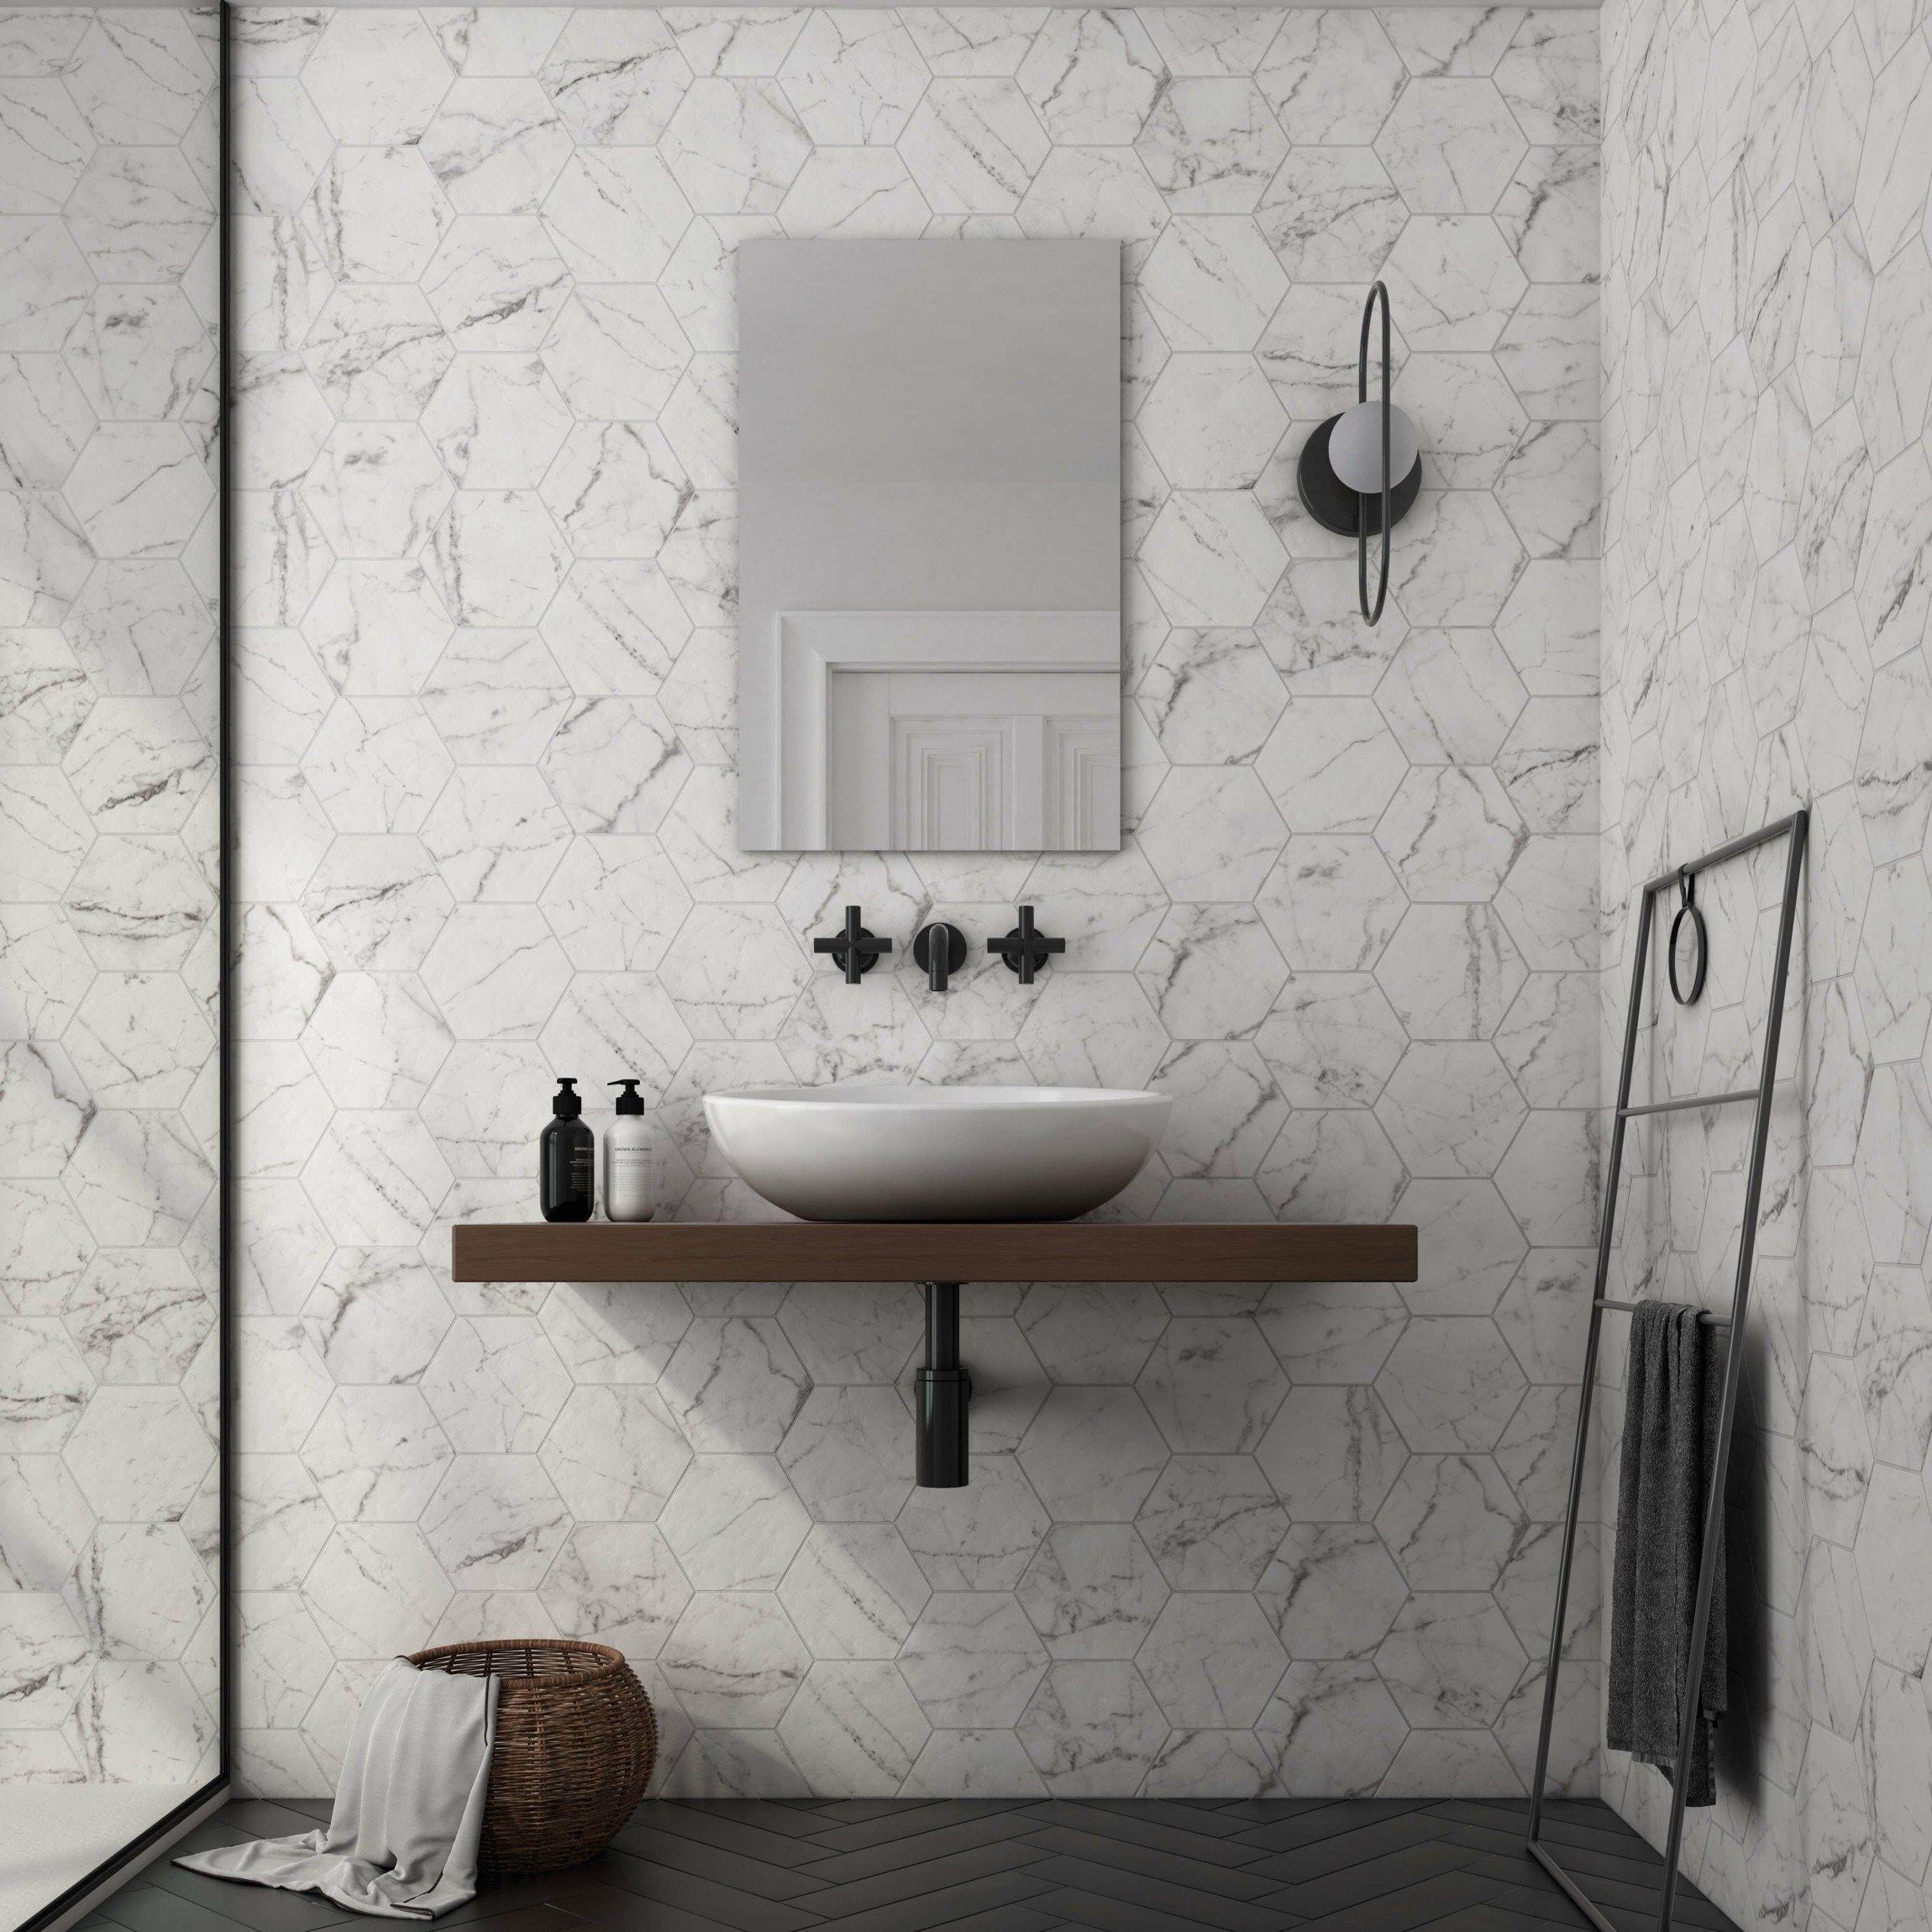 Hexagon Carrara Marble Effect Wall, Carrara Marble Tiles Bathroom